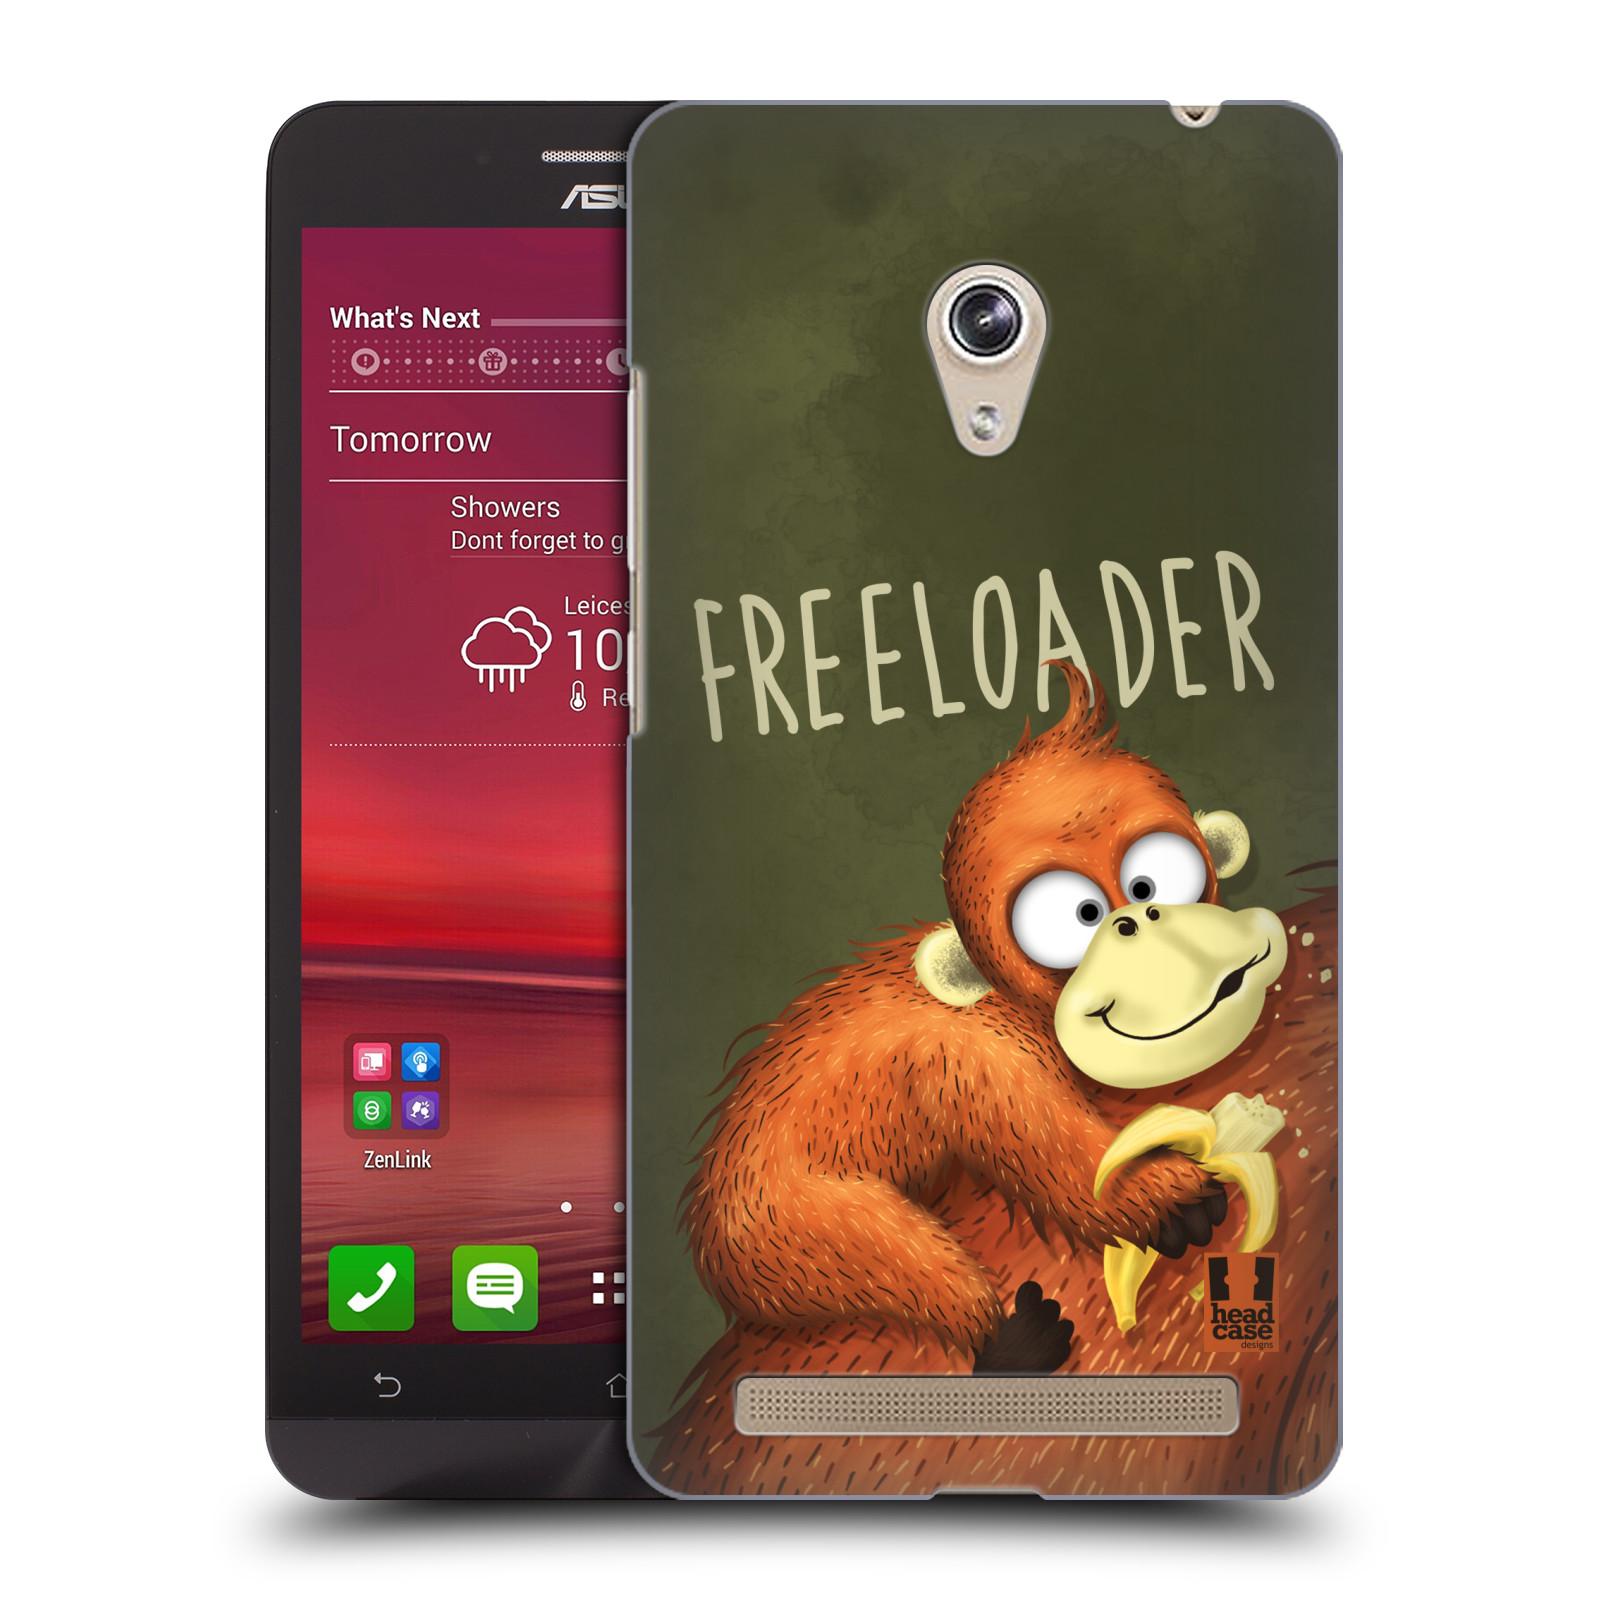 Plastové pouzdro na mobil Asus Zenfone 6 HEAD CASE Opičák Freeloader (Kryt či obal na mobilní telefon Asus Zenfone 6 A600CG / A601CG)